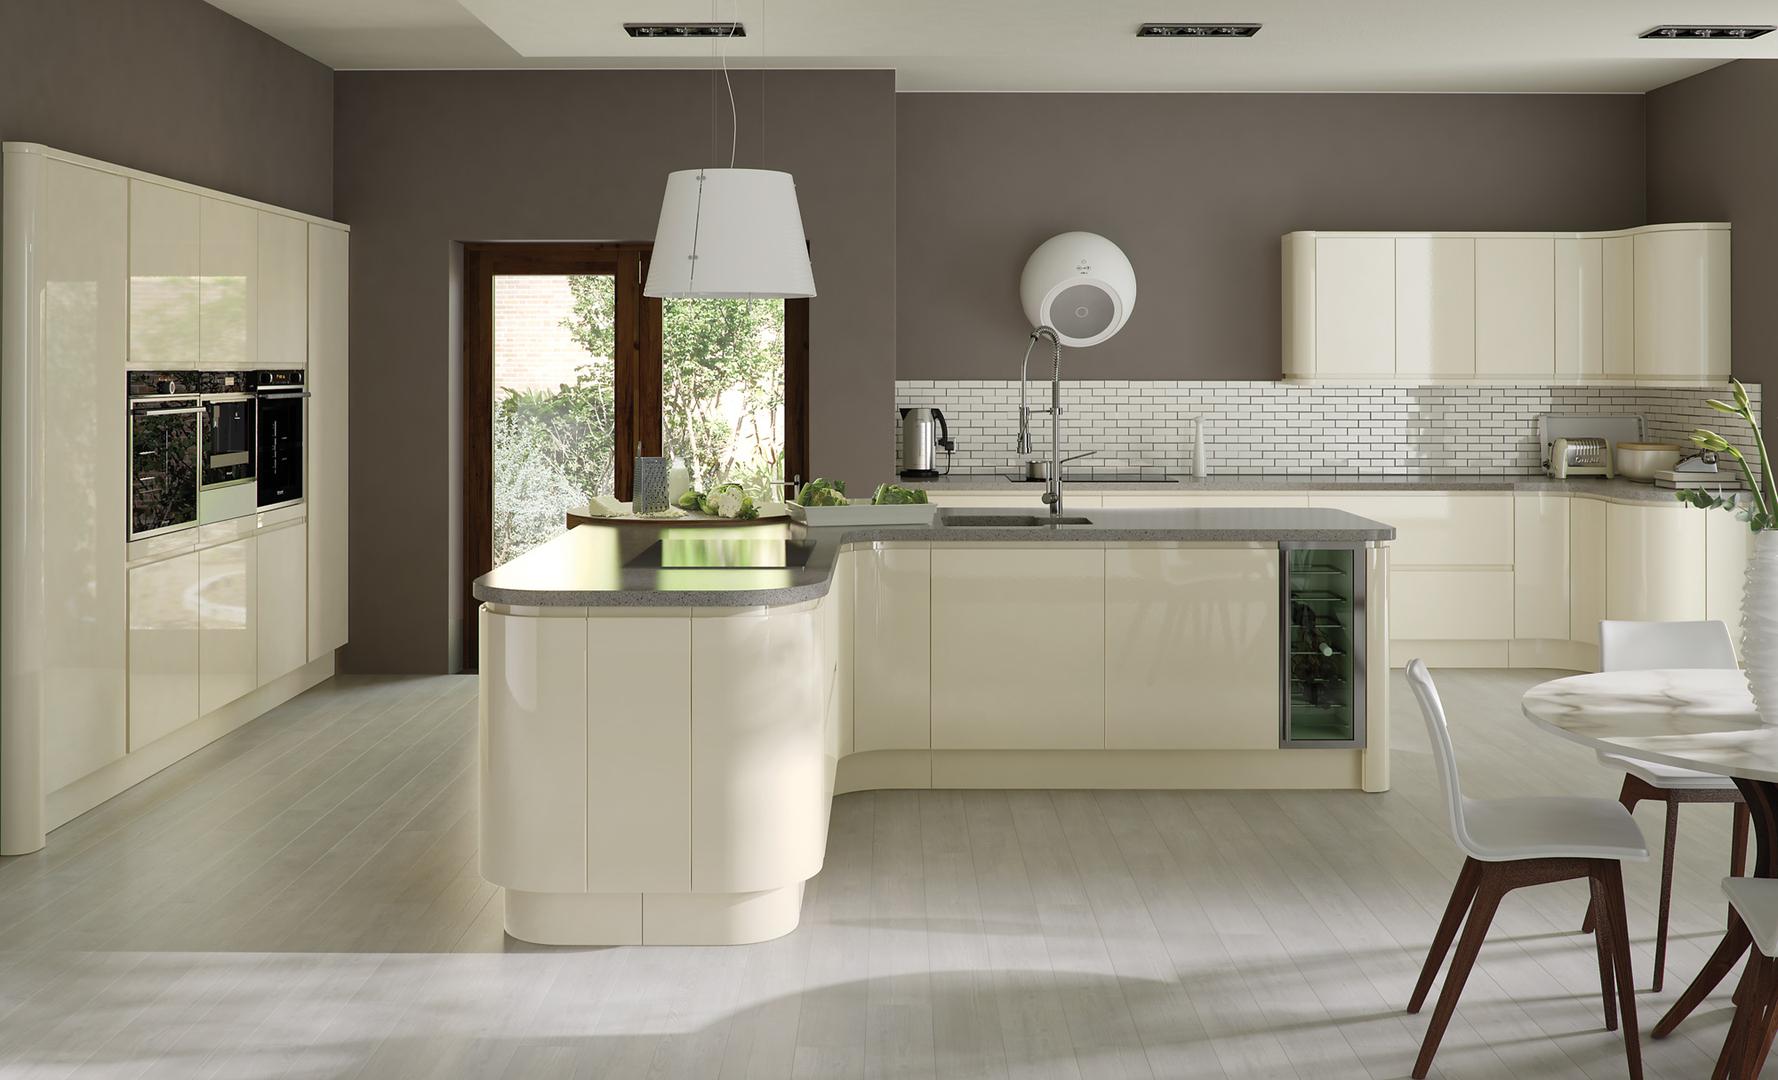 Kitchen Appliances Bristol  Phidesignus - Kitchen designers bristol